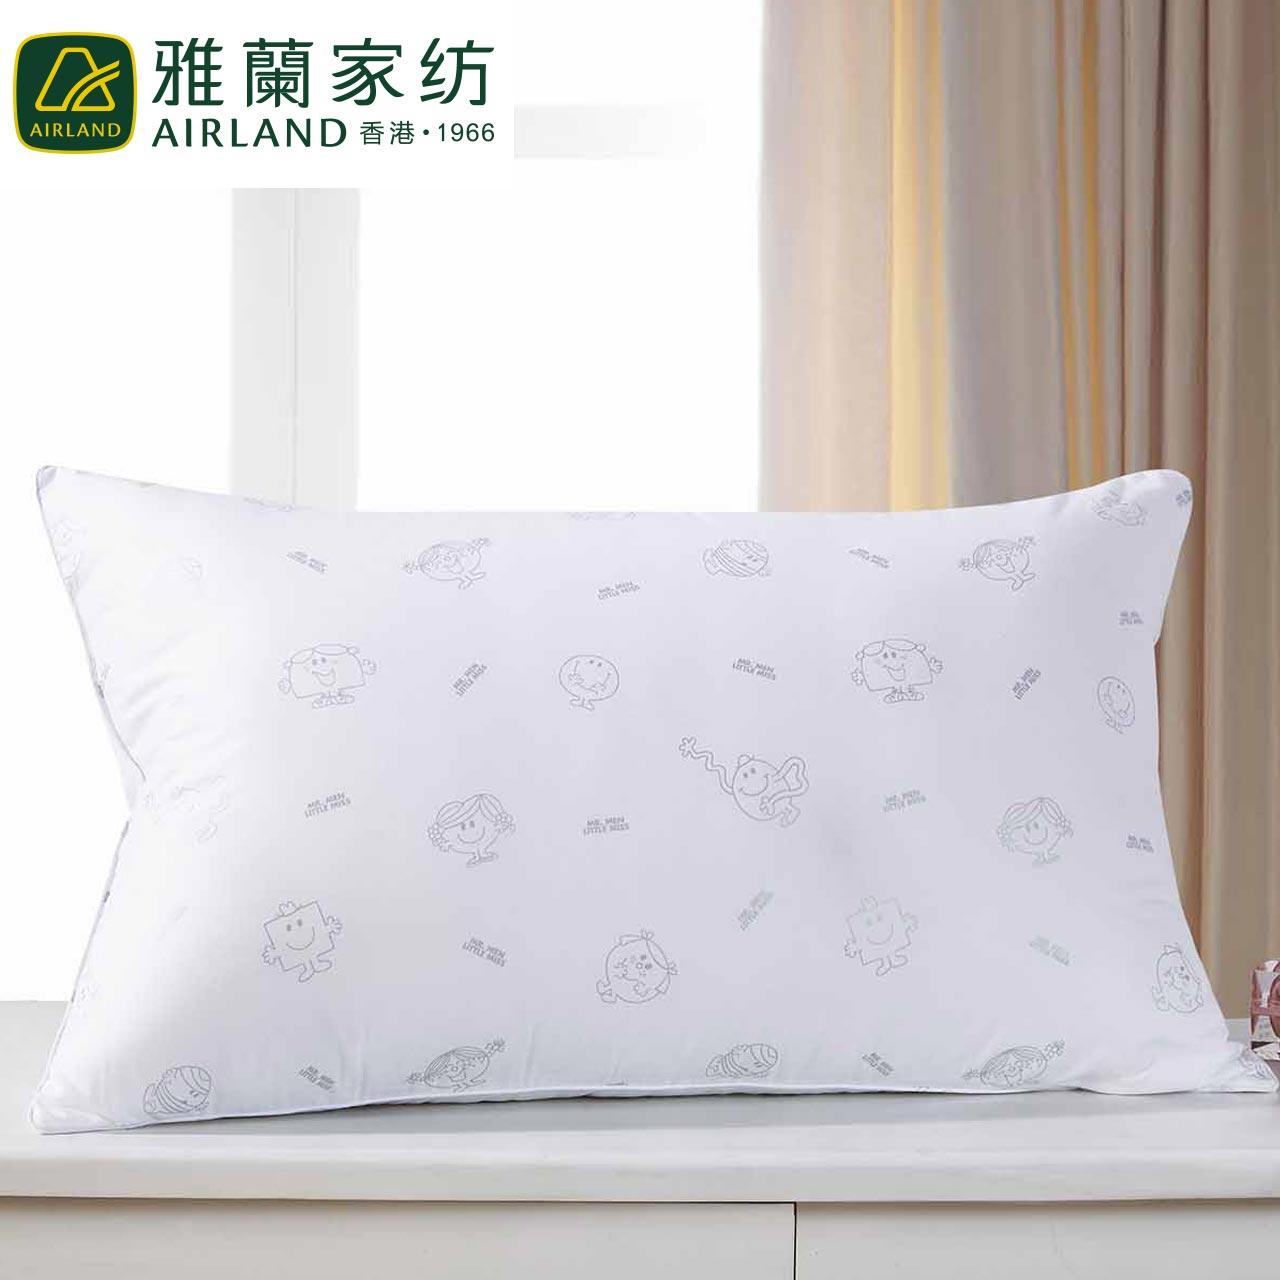 雅兰家纺奇先生妙小姐纤维枕奇妙世界舒适枕